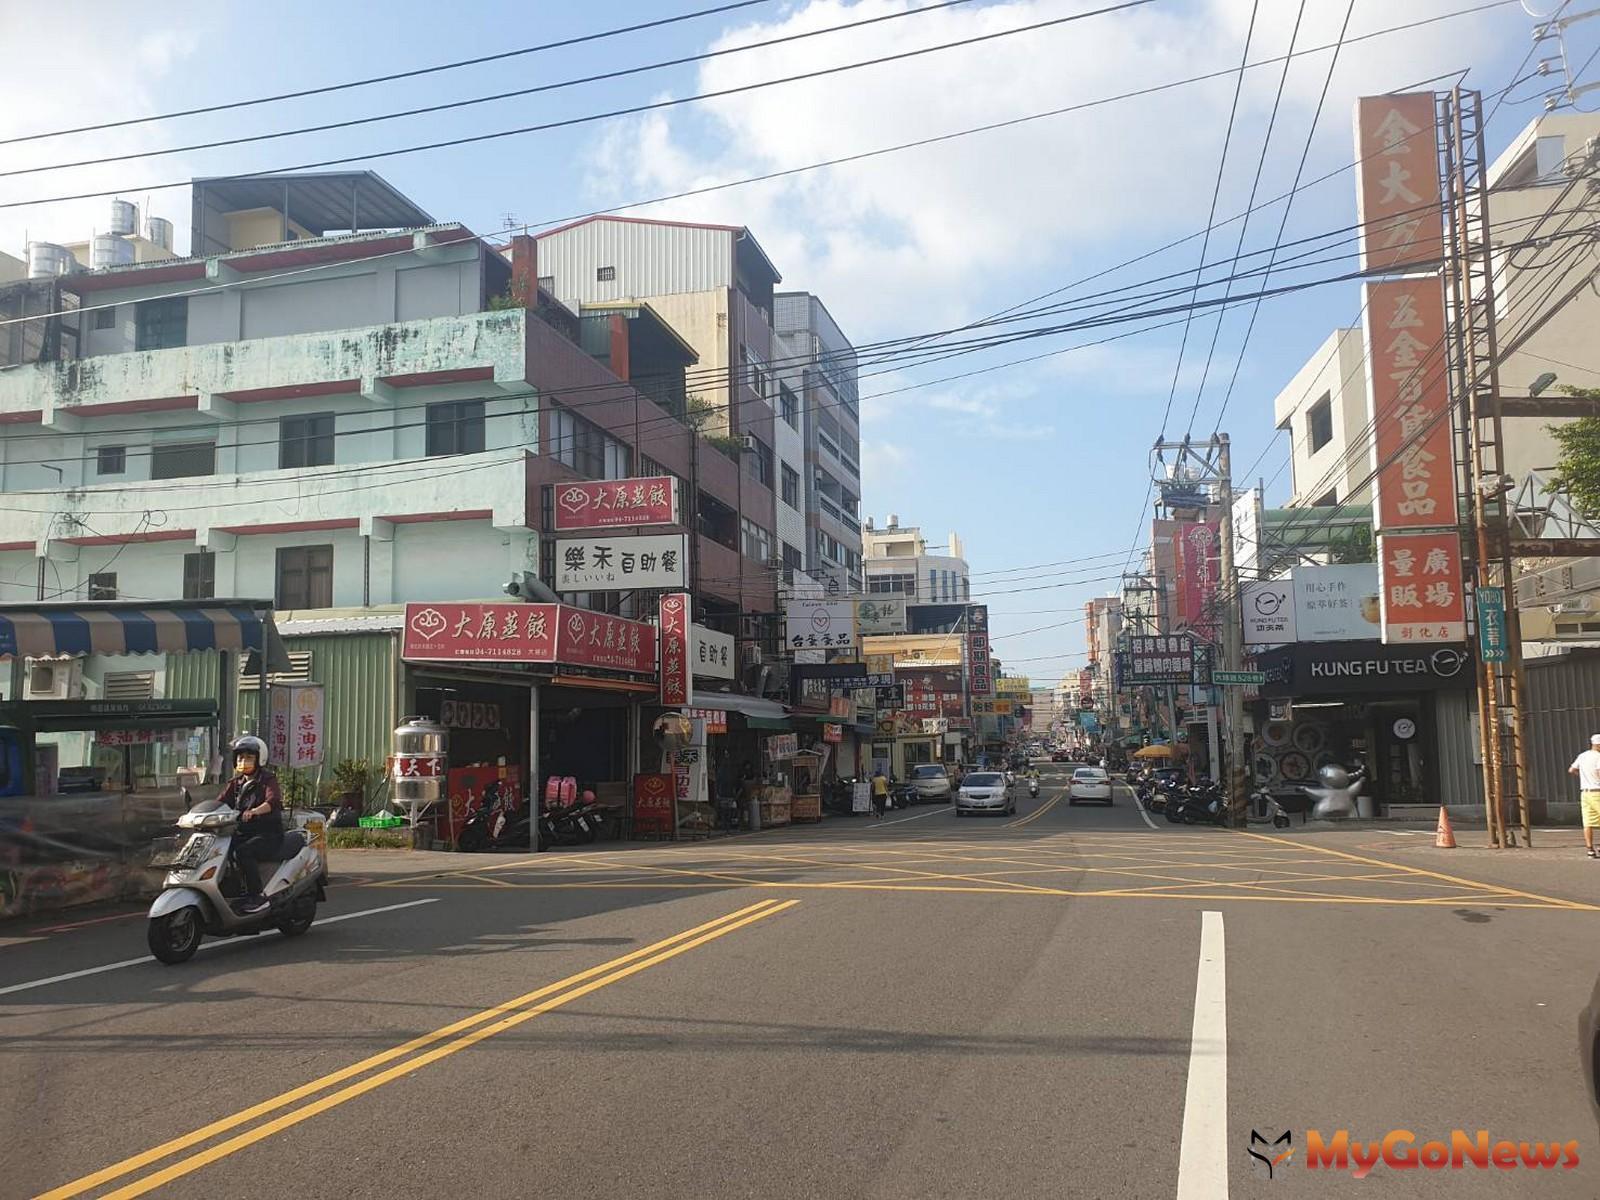 大埔商圈生活機能成熟(圖/東森房屋) MyGoNews房地產新聞 區域情報